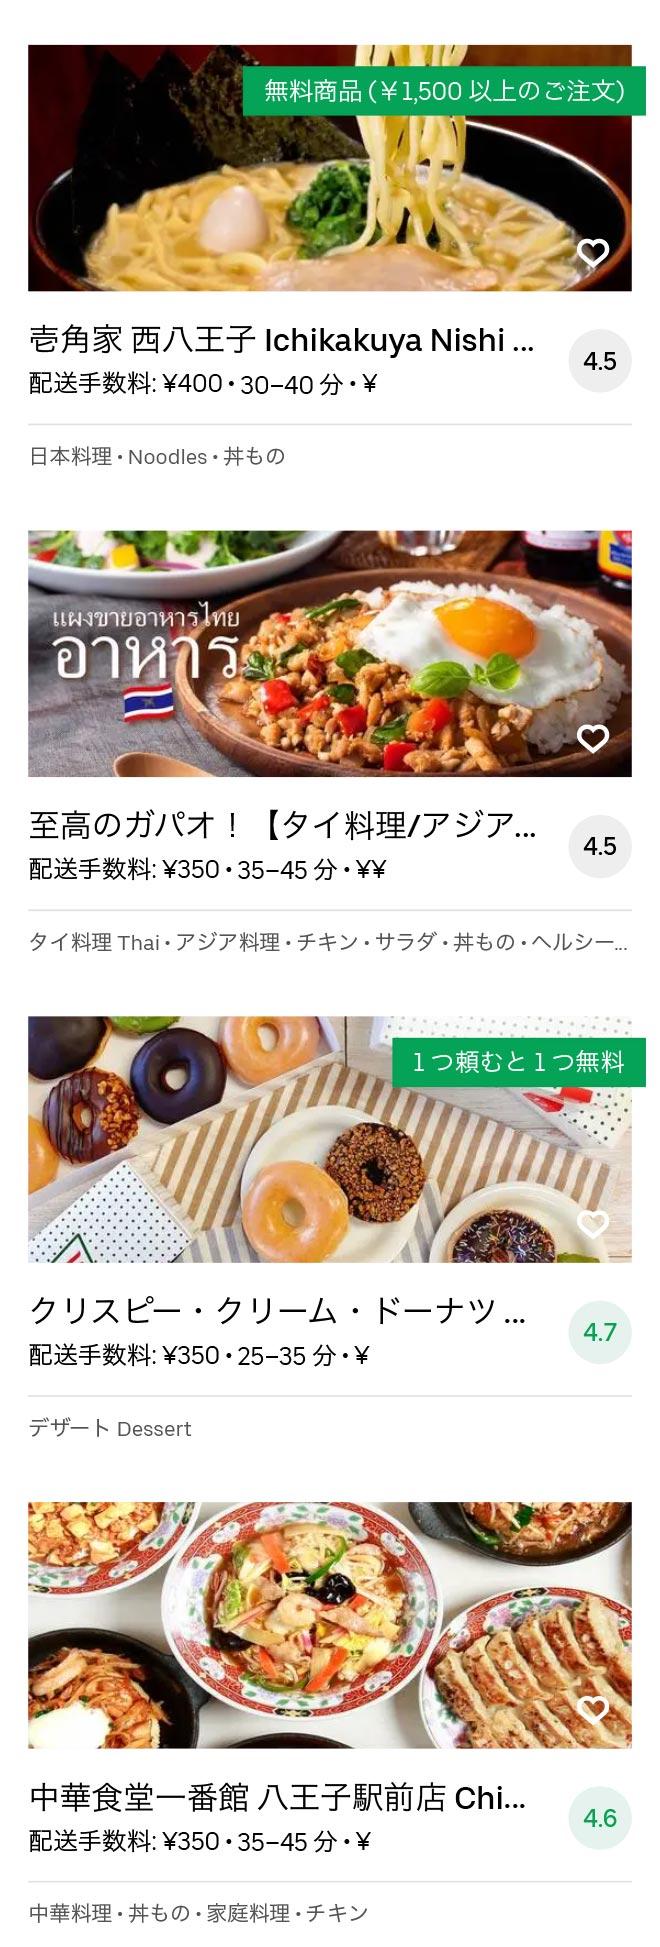 Hatioji minamino menu 2010 12